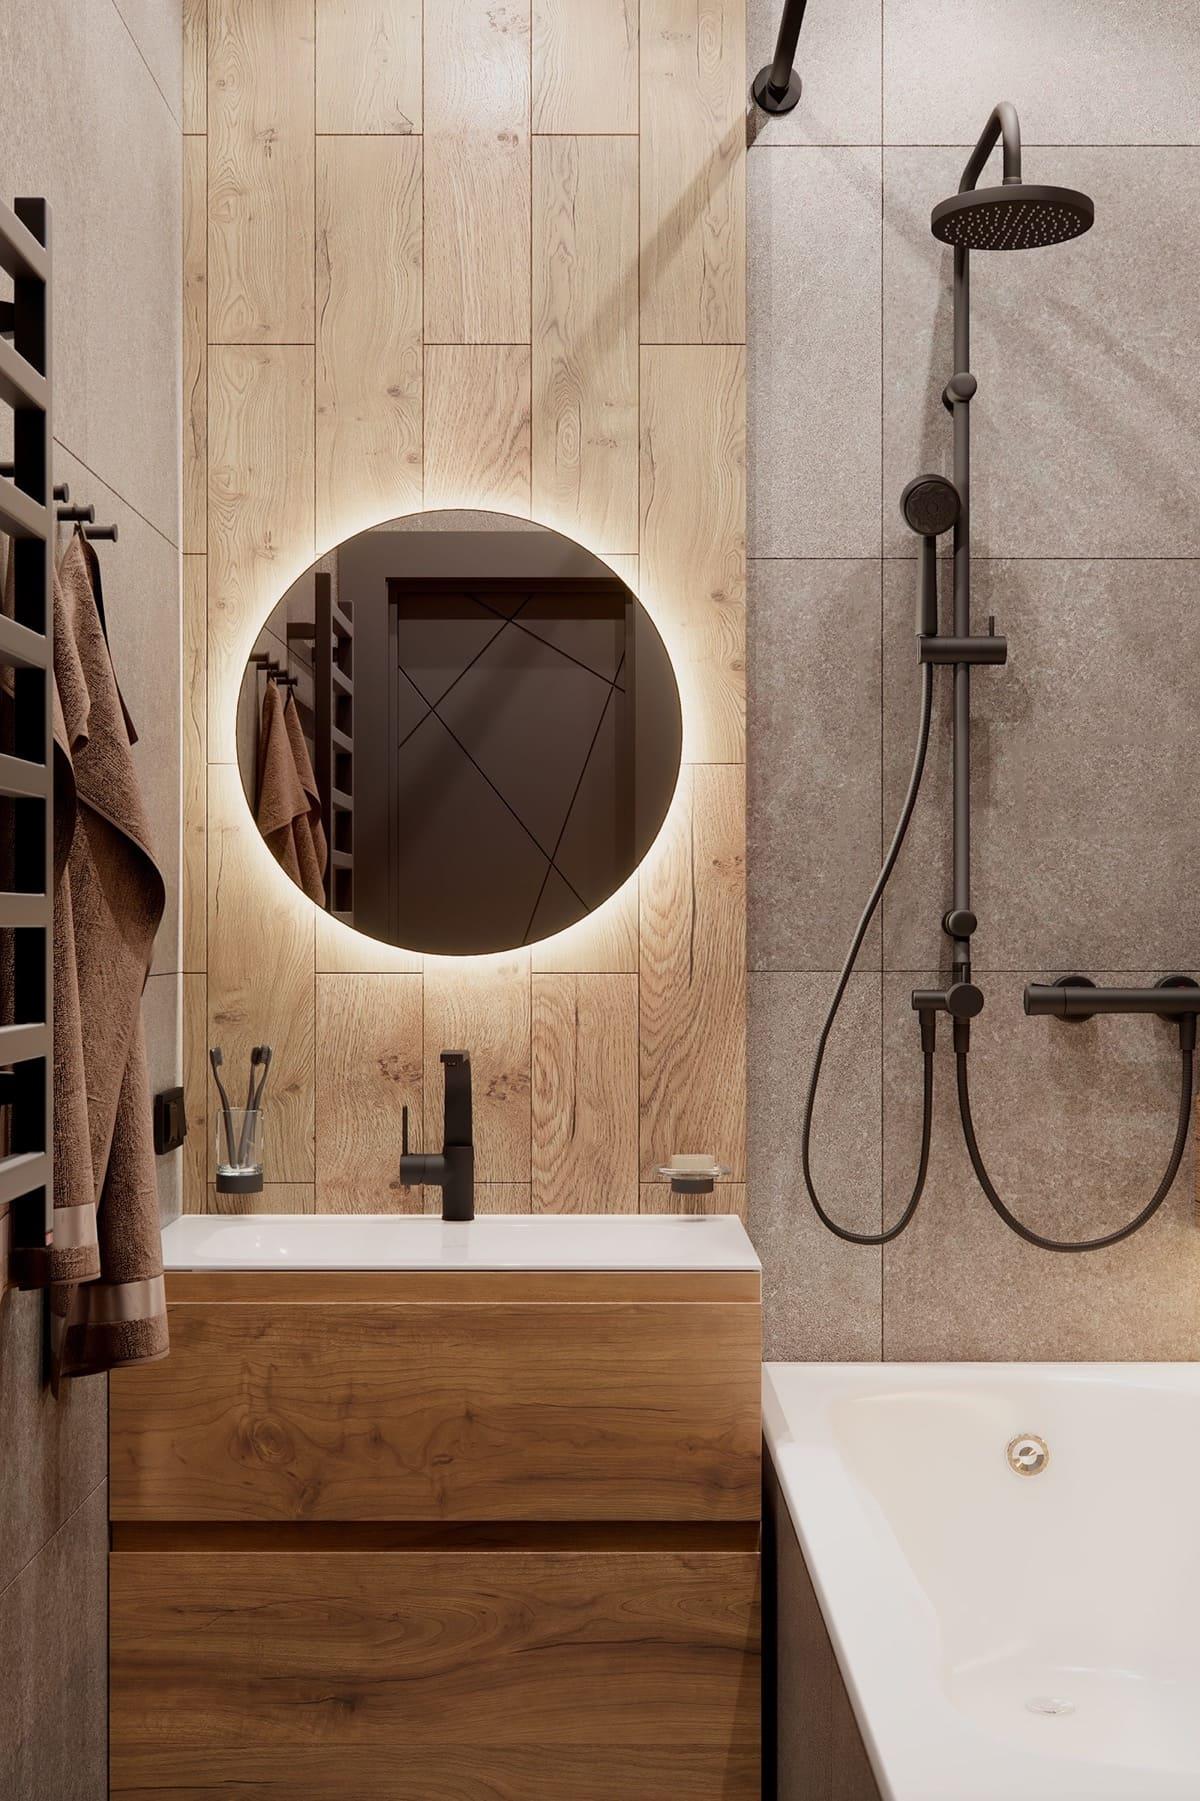 дизайн интерьера ванной комнаты фото 15